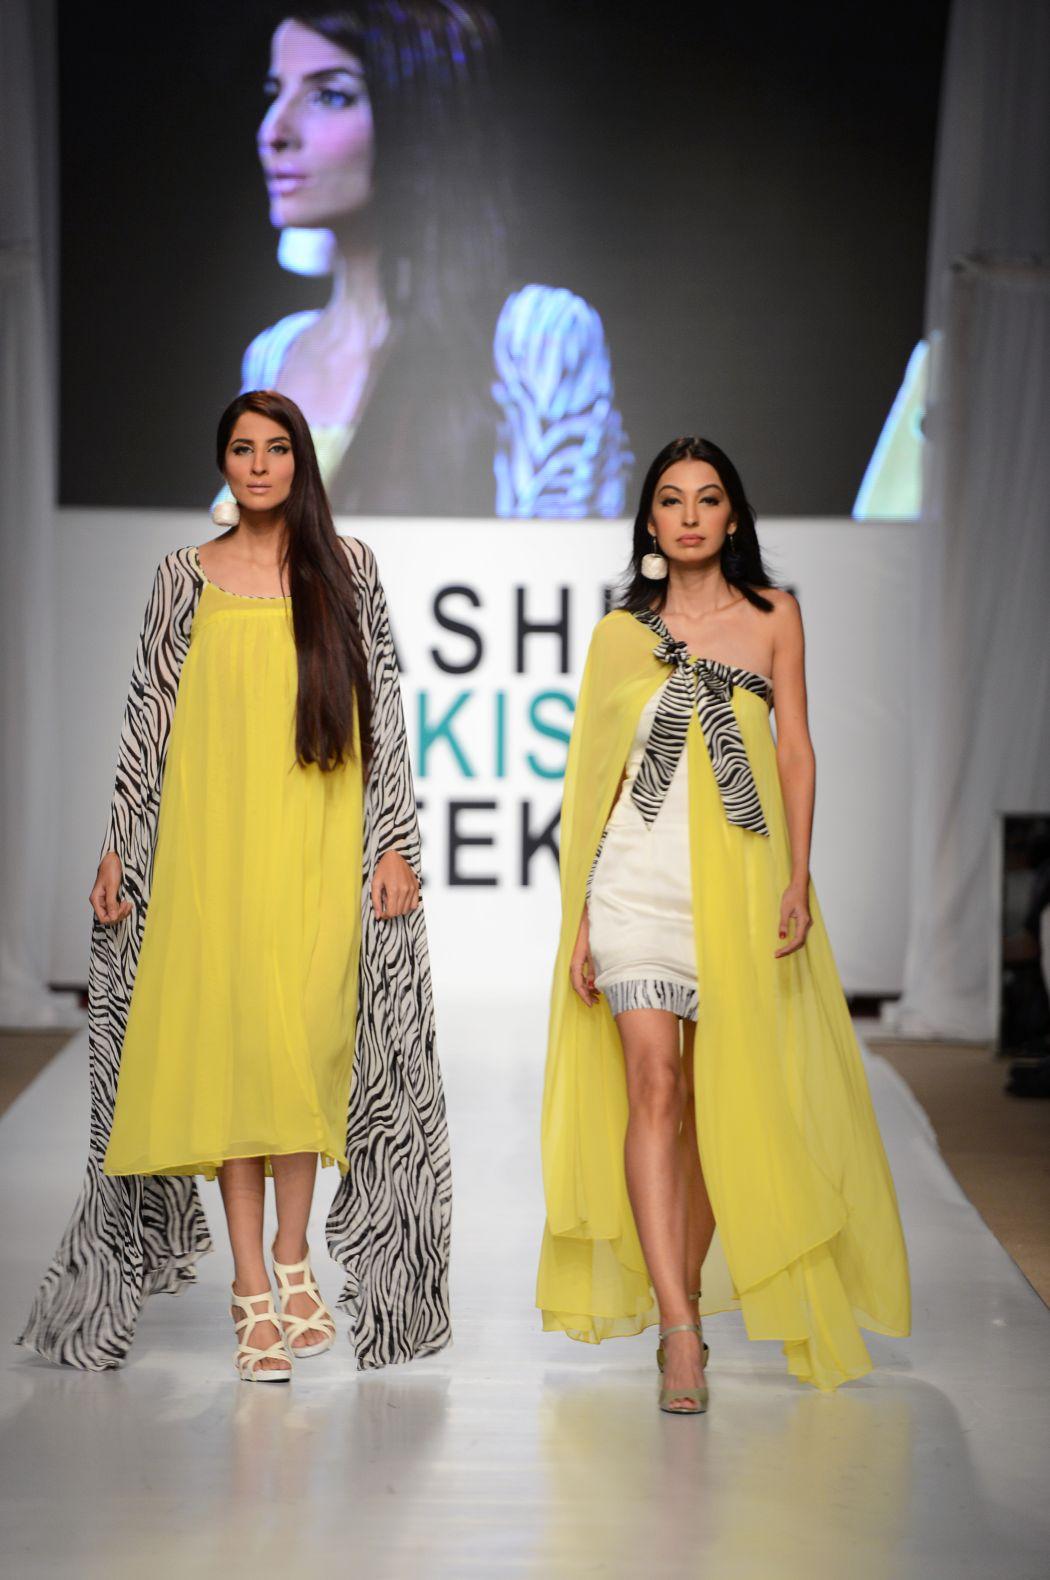 Fashion World Latest Fashion: Pakistani Fashion Styles At